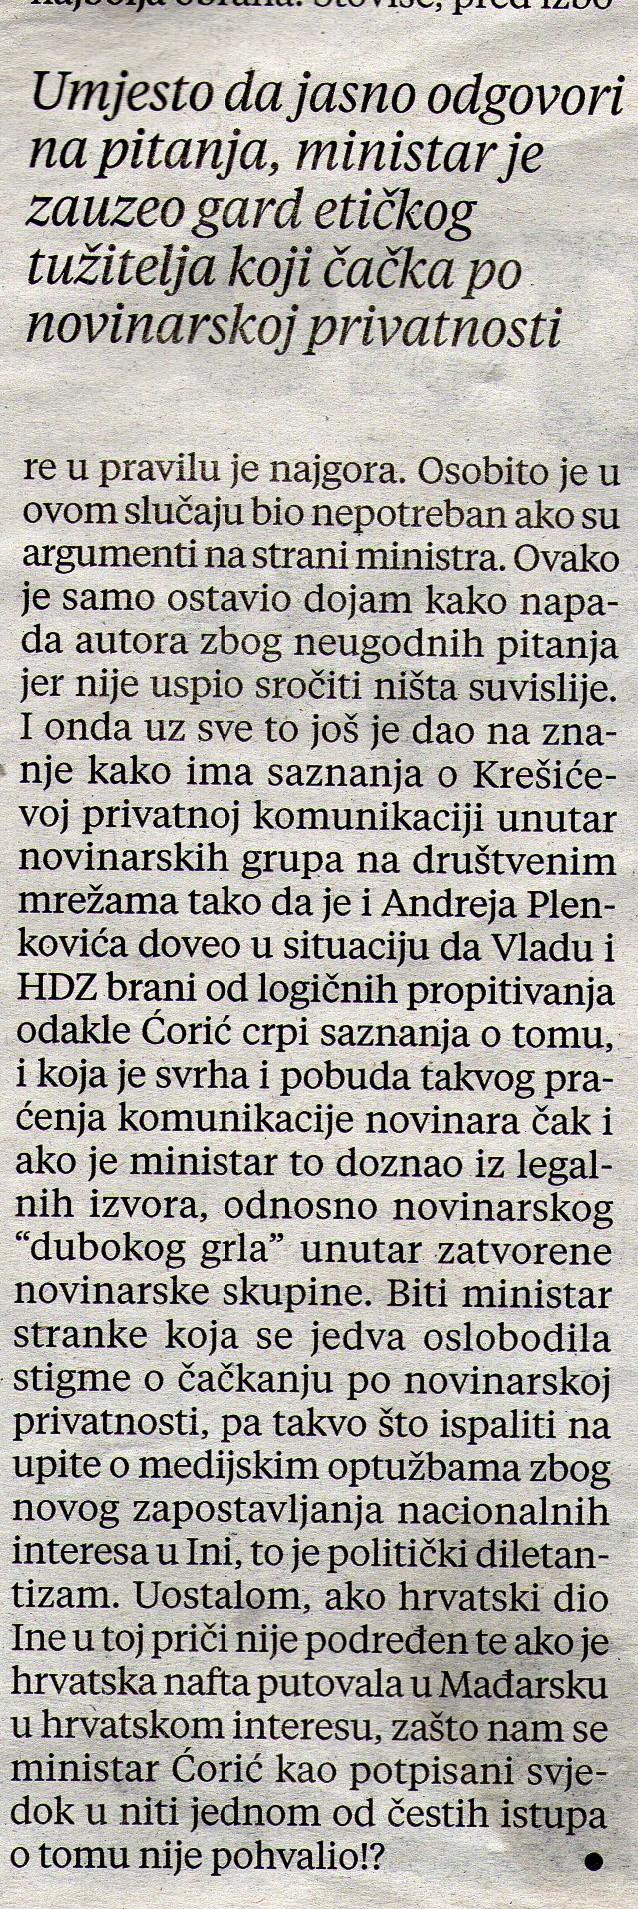 img062-ORI-EVA-DRSKOST-2